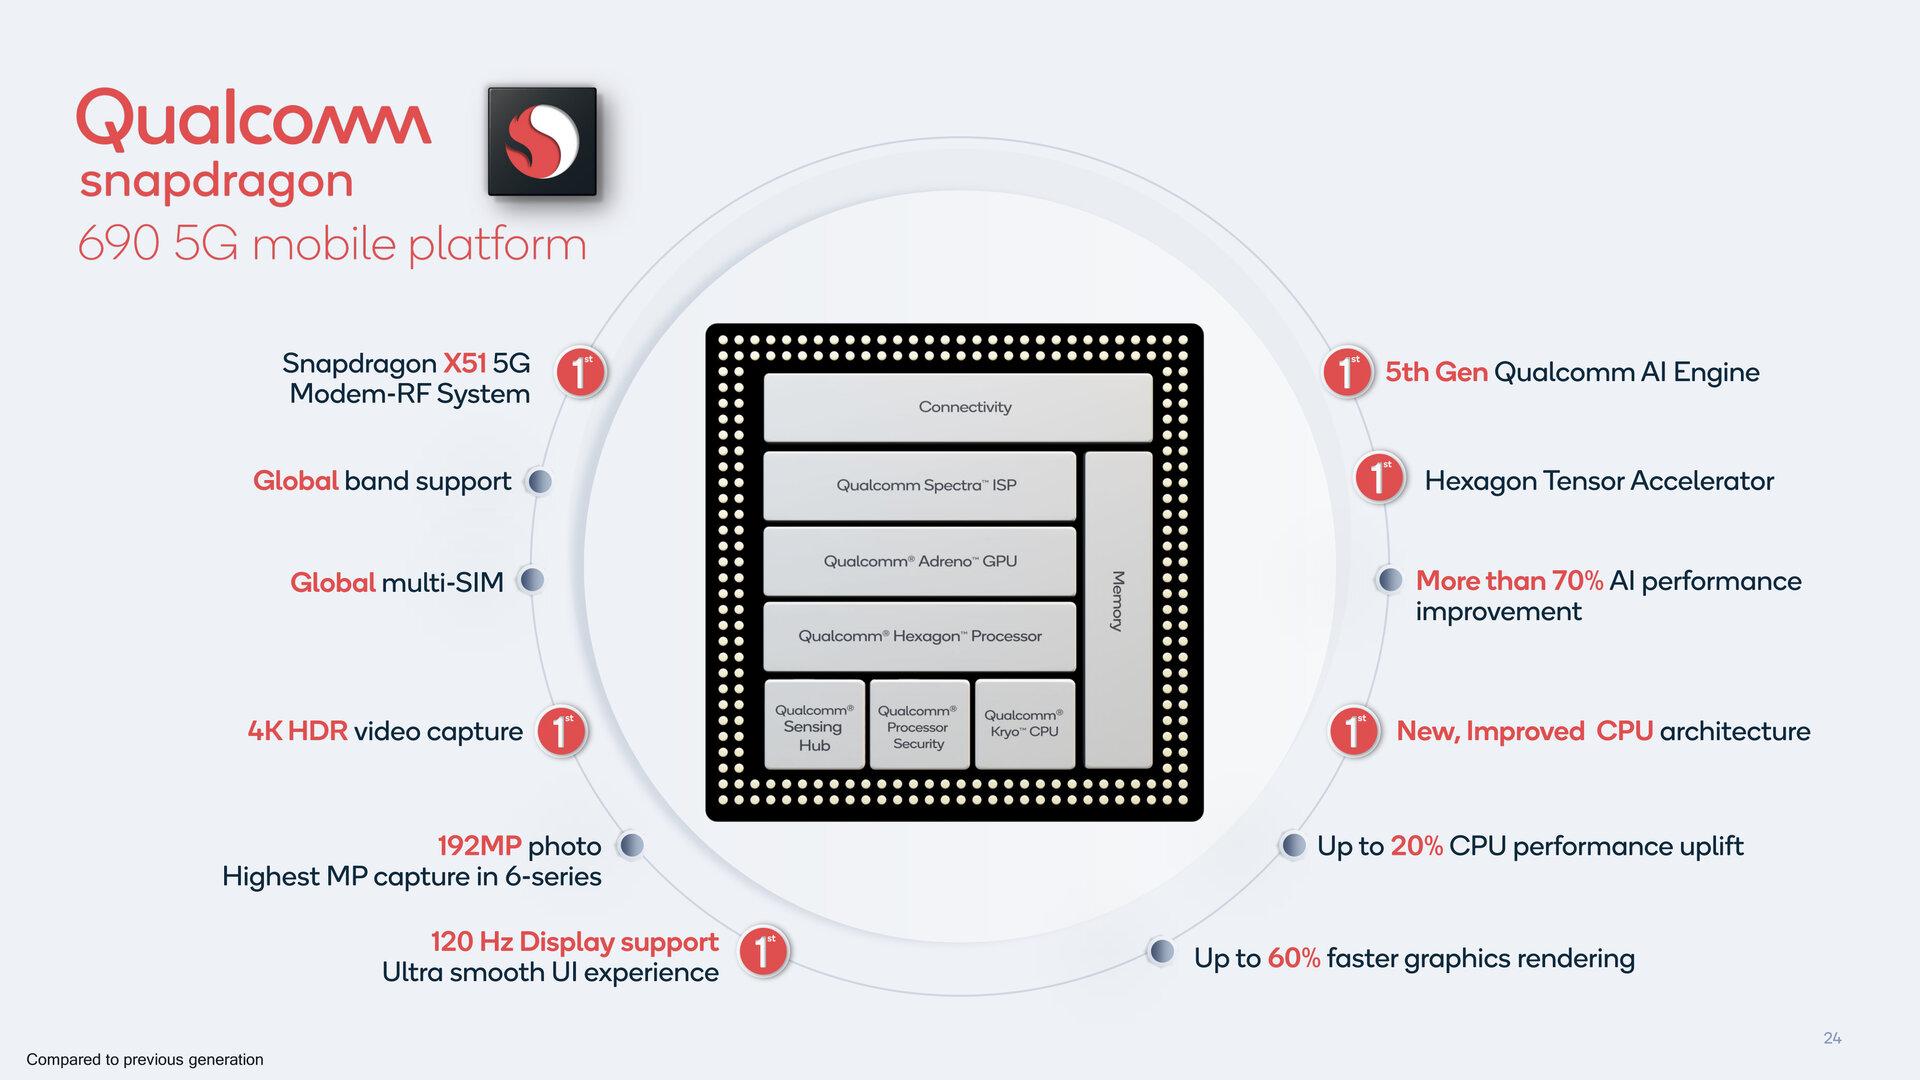 Übersicht zur Ausstattung des Snapdragon 690